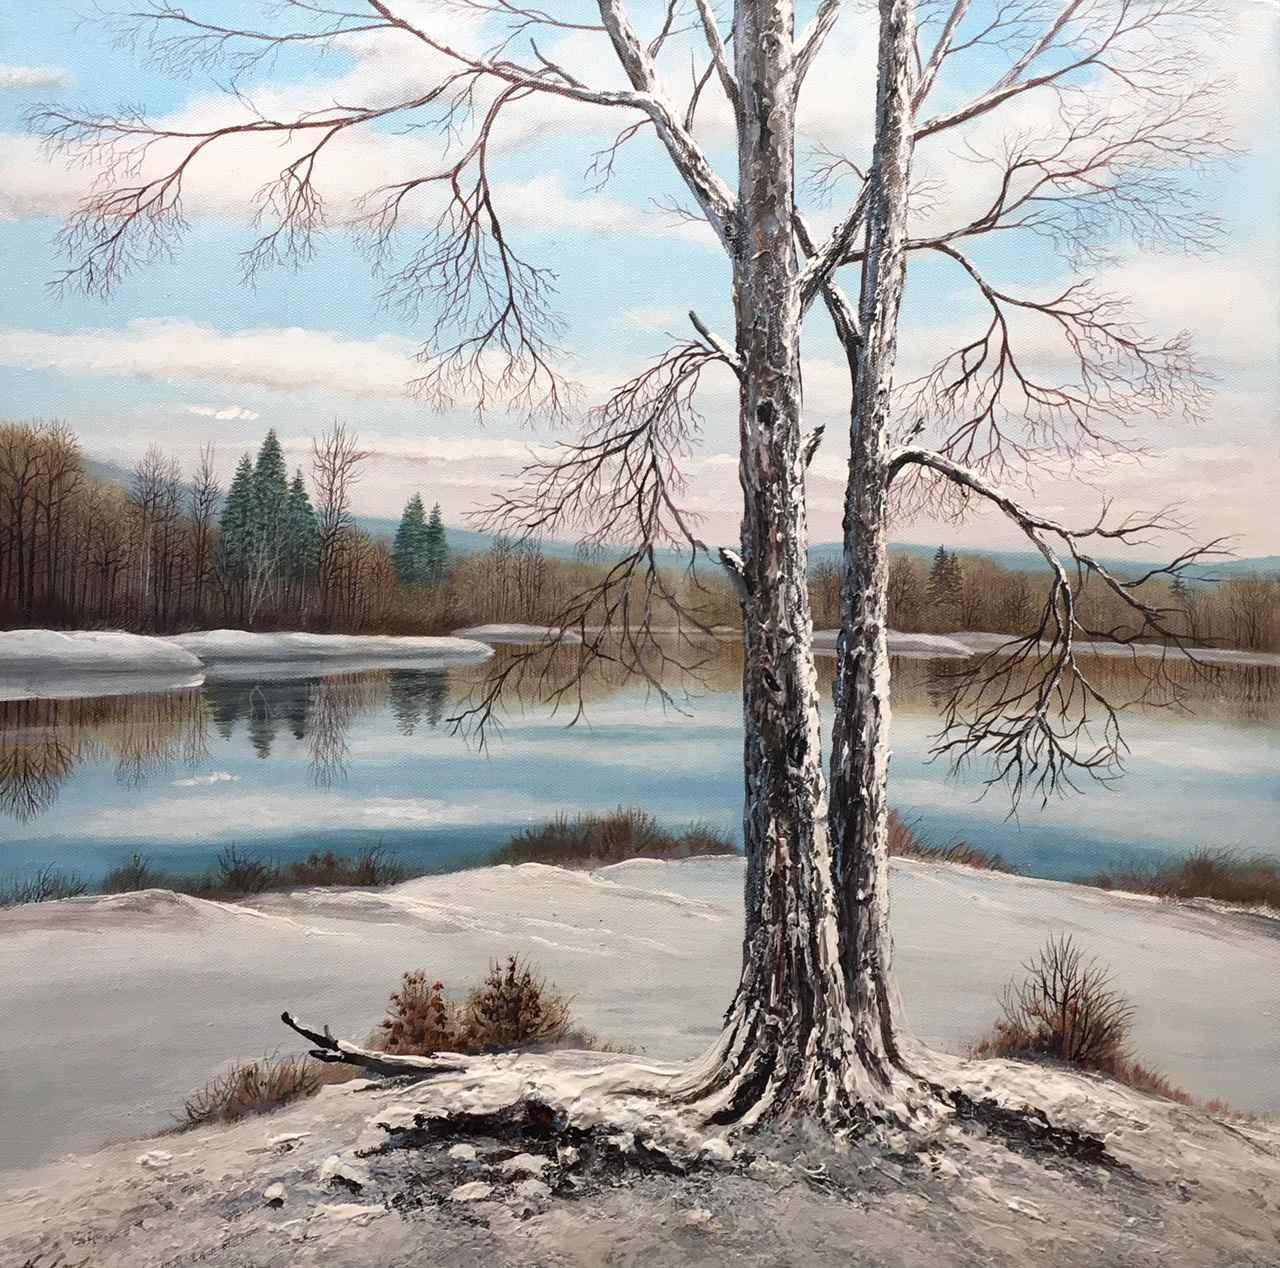 Winter's Peak by  Henry Lobo - Masterpiece Online